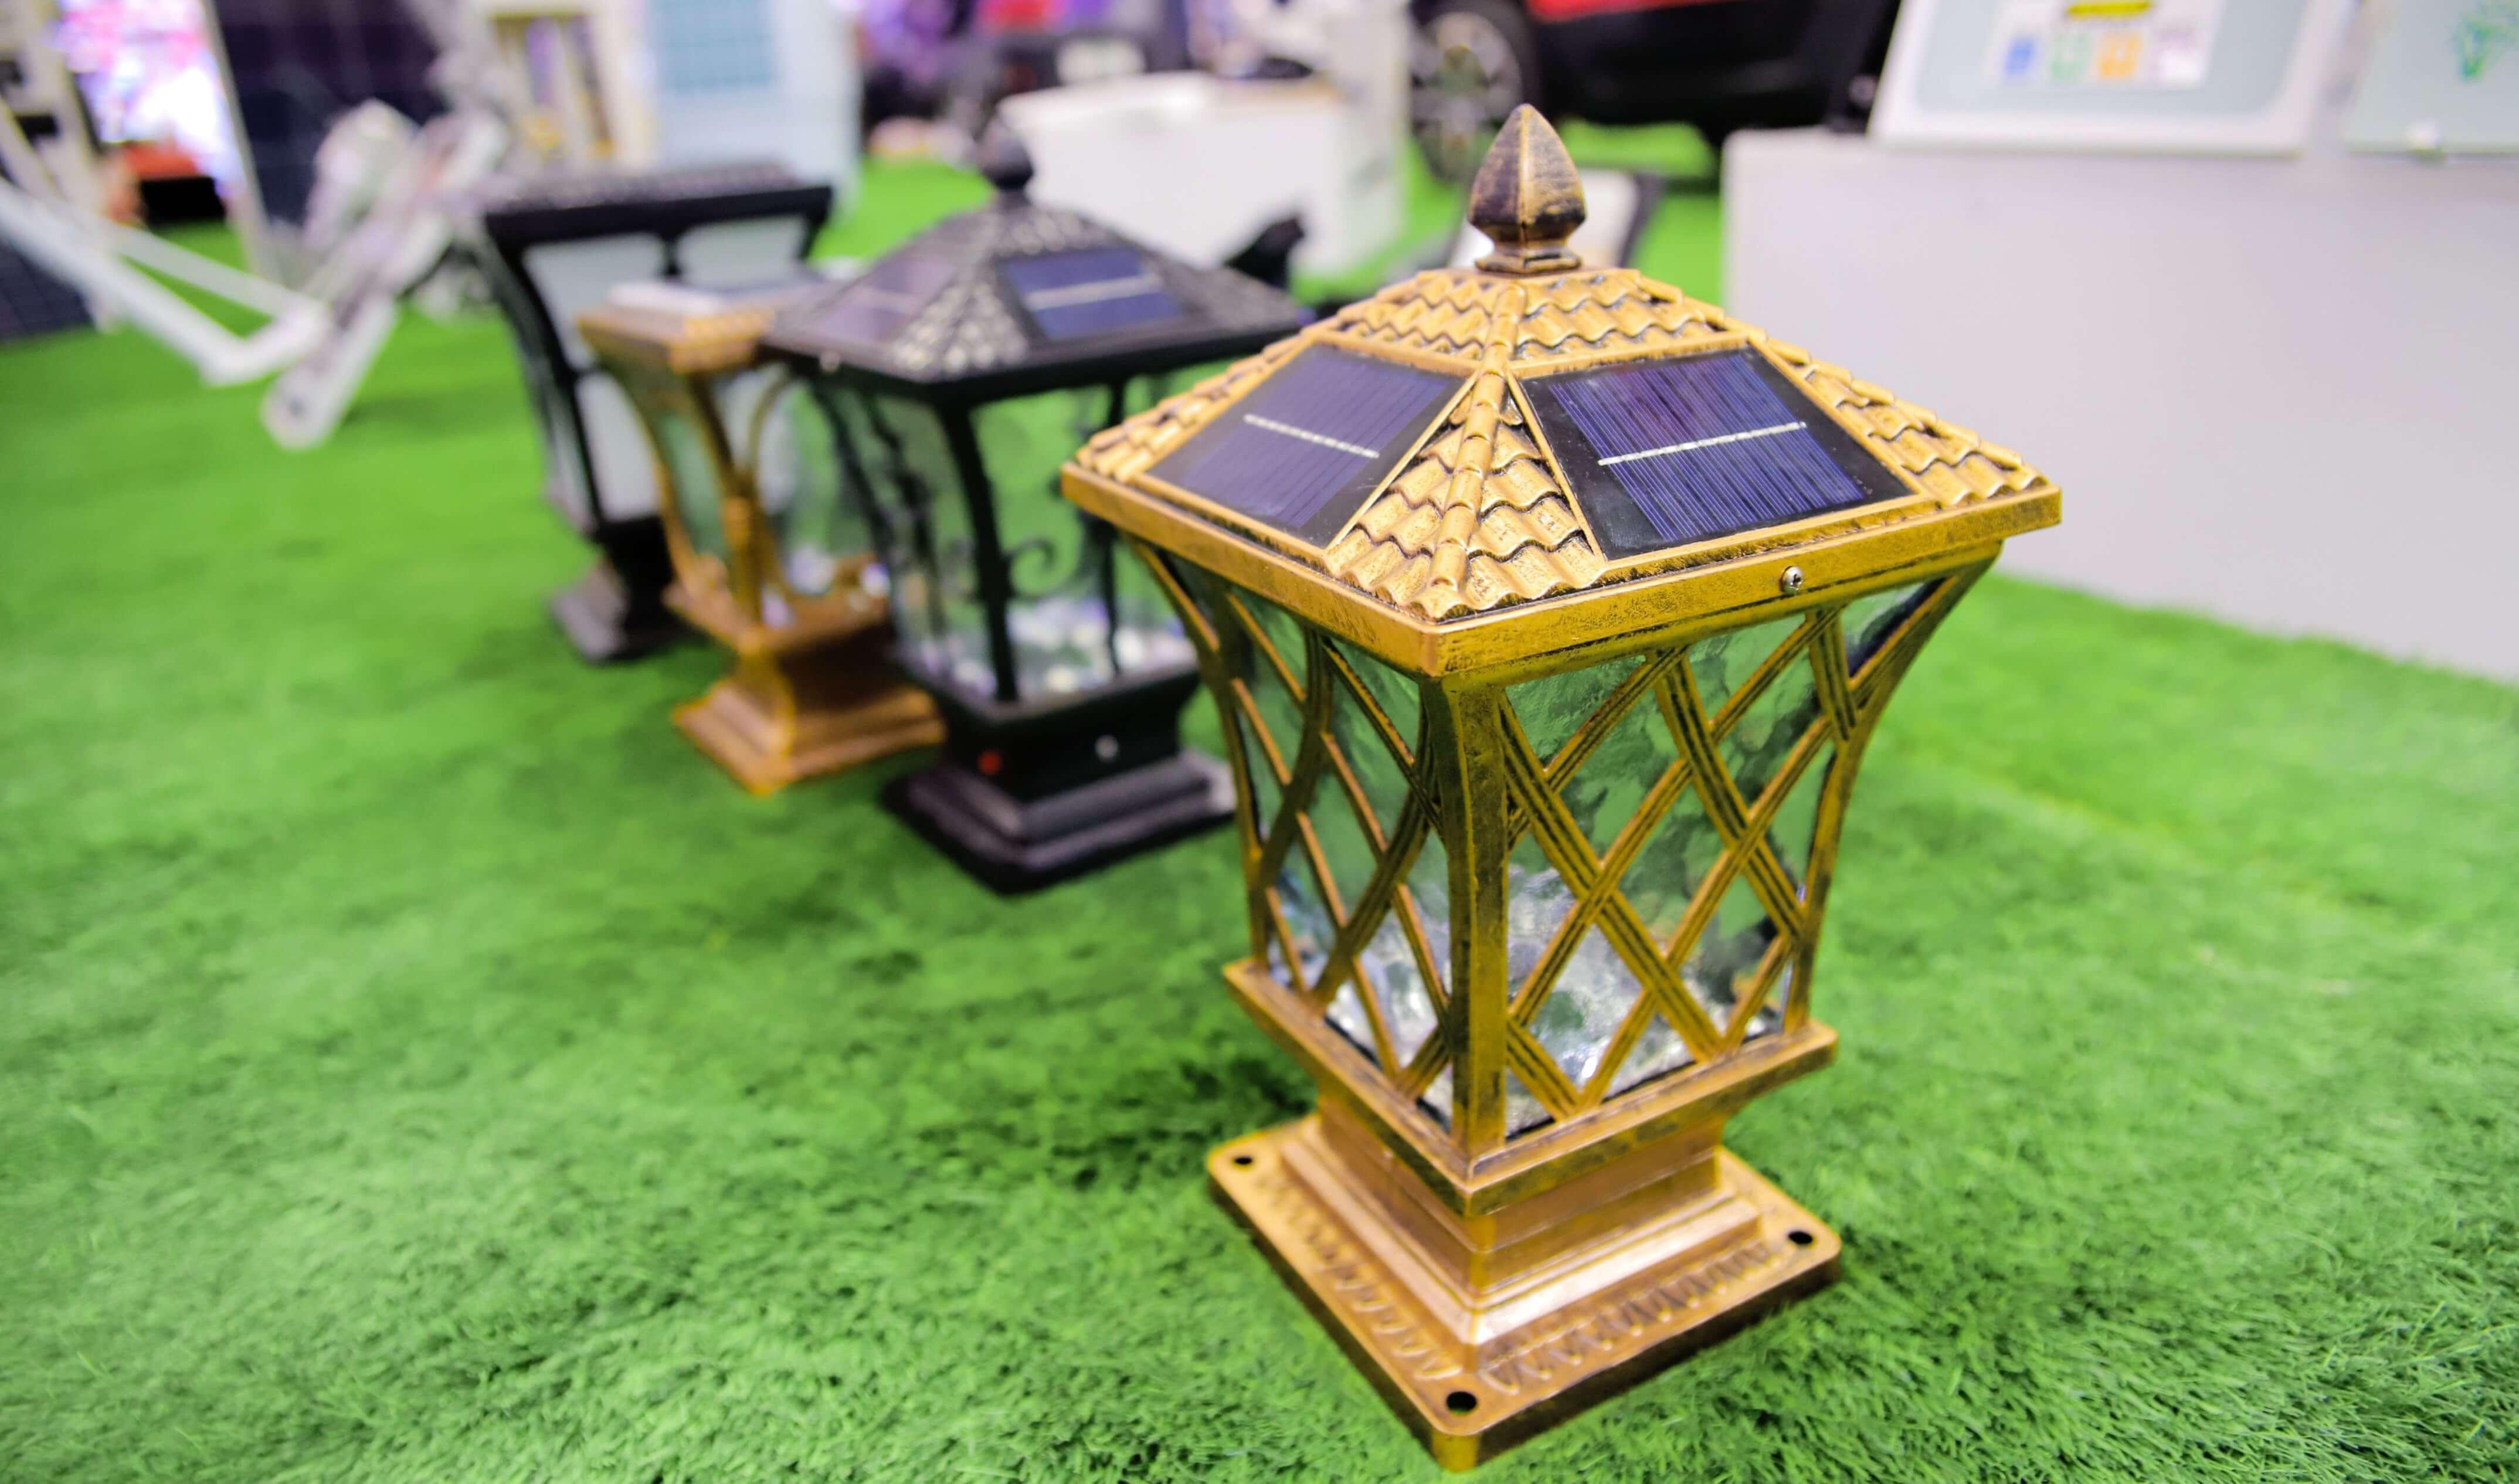 سوق التنين يستضيف سوق الطاقة الخضراء في نسخته الثالثة